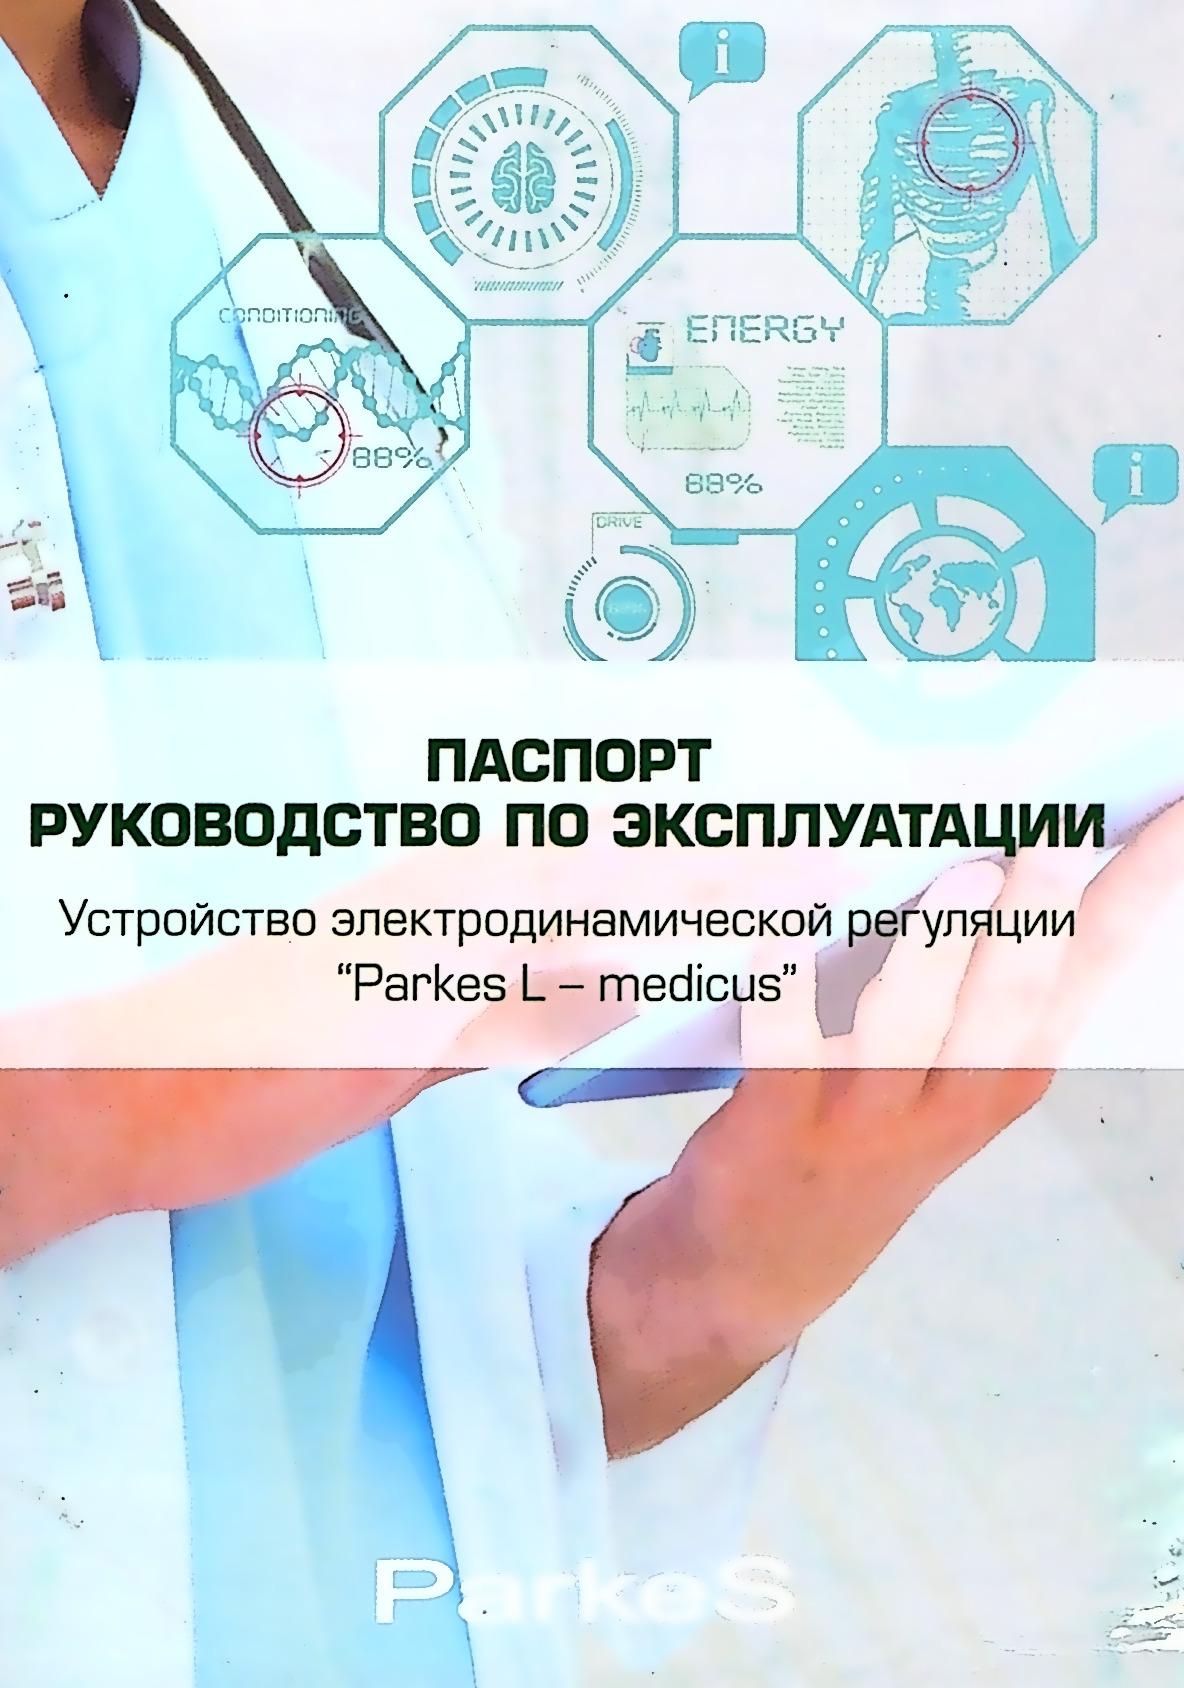 Паспорт прибора Паркес-Медикус